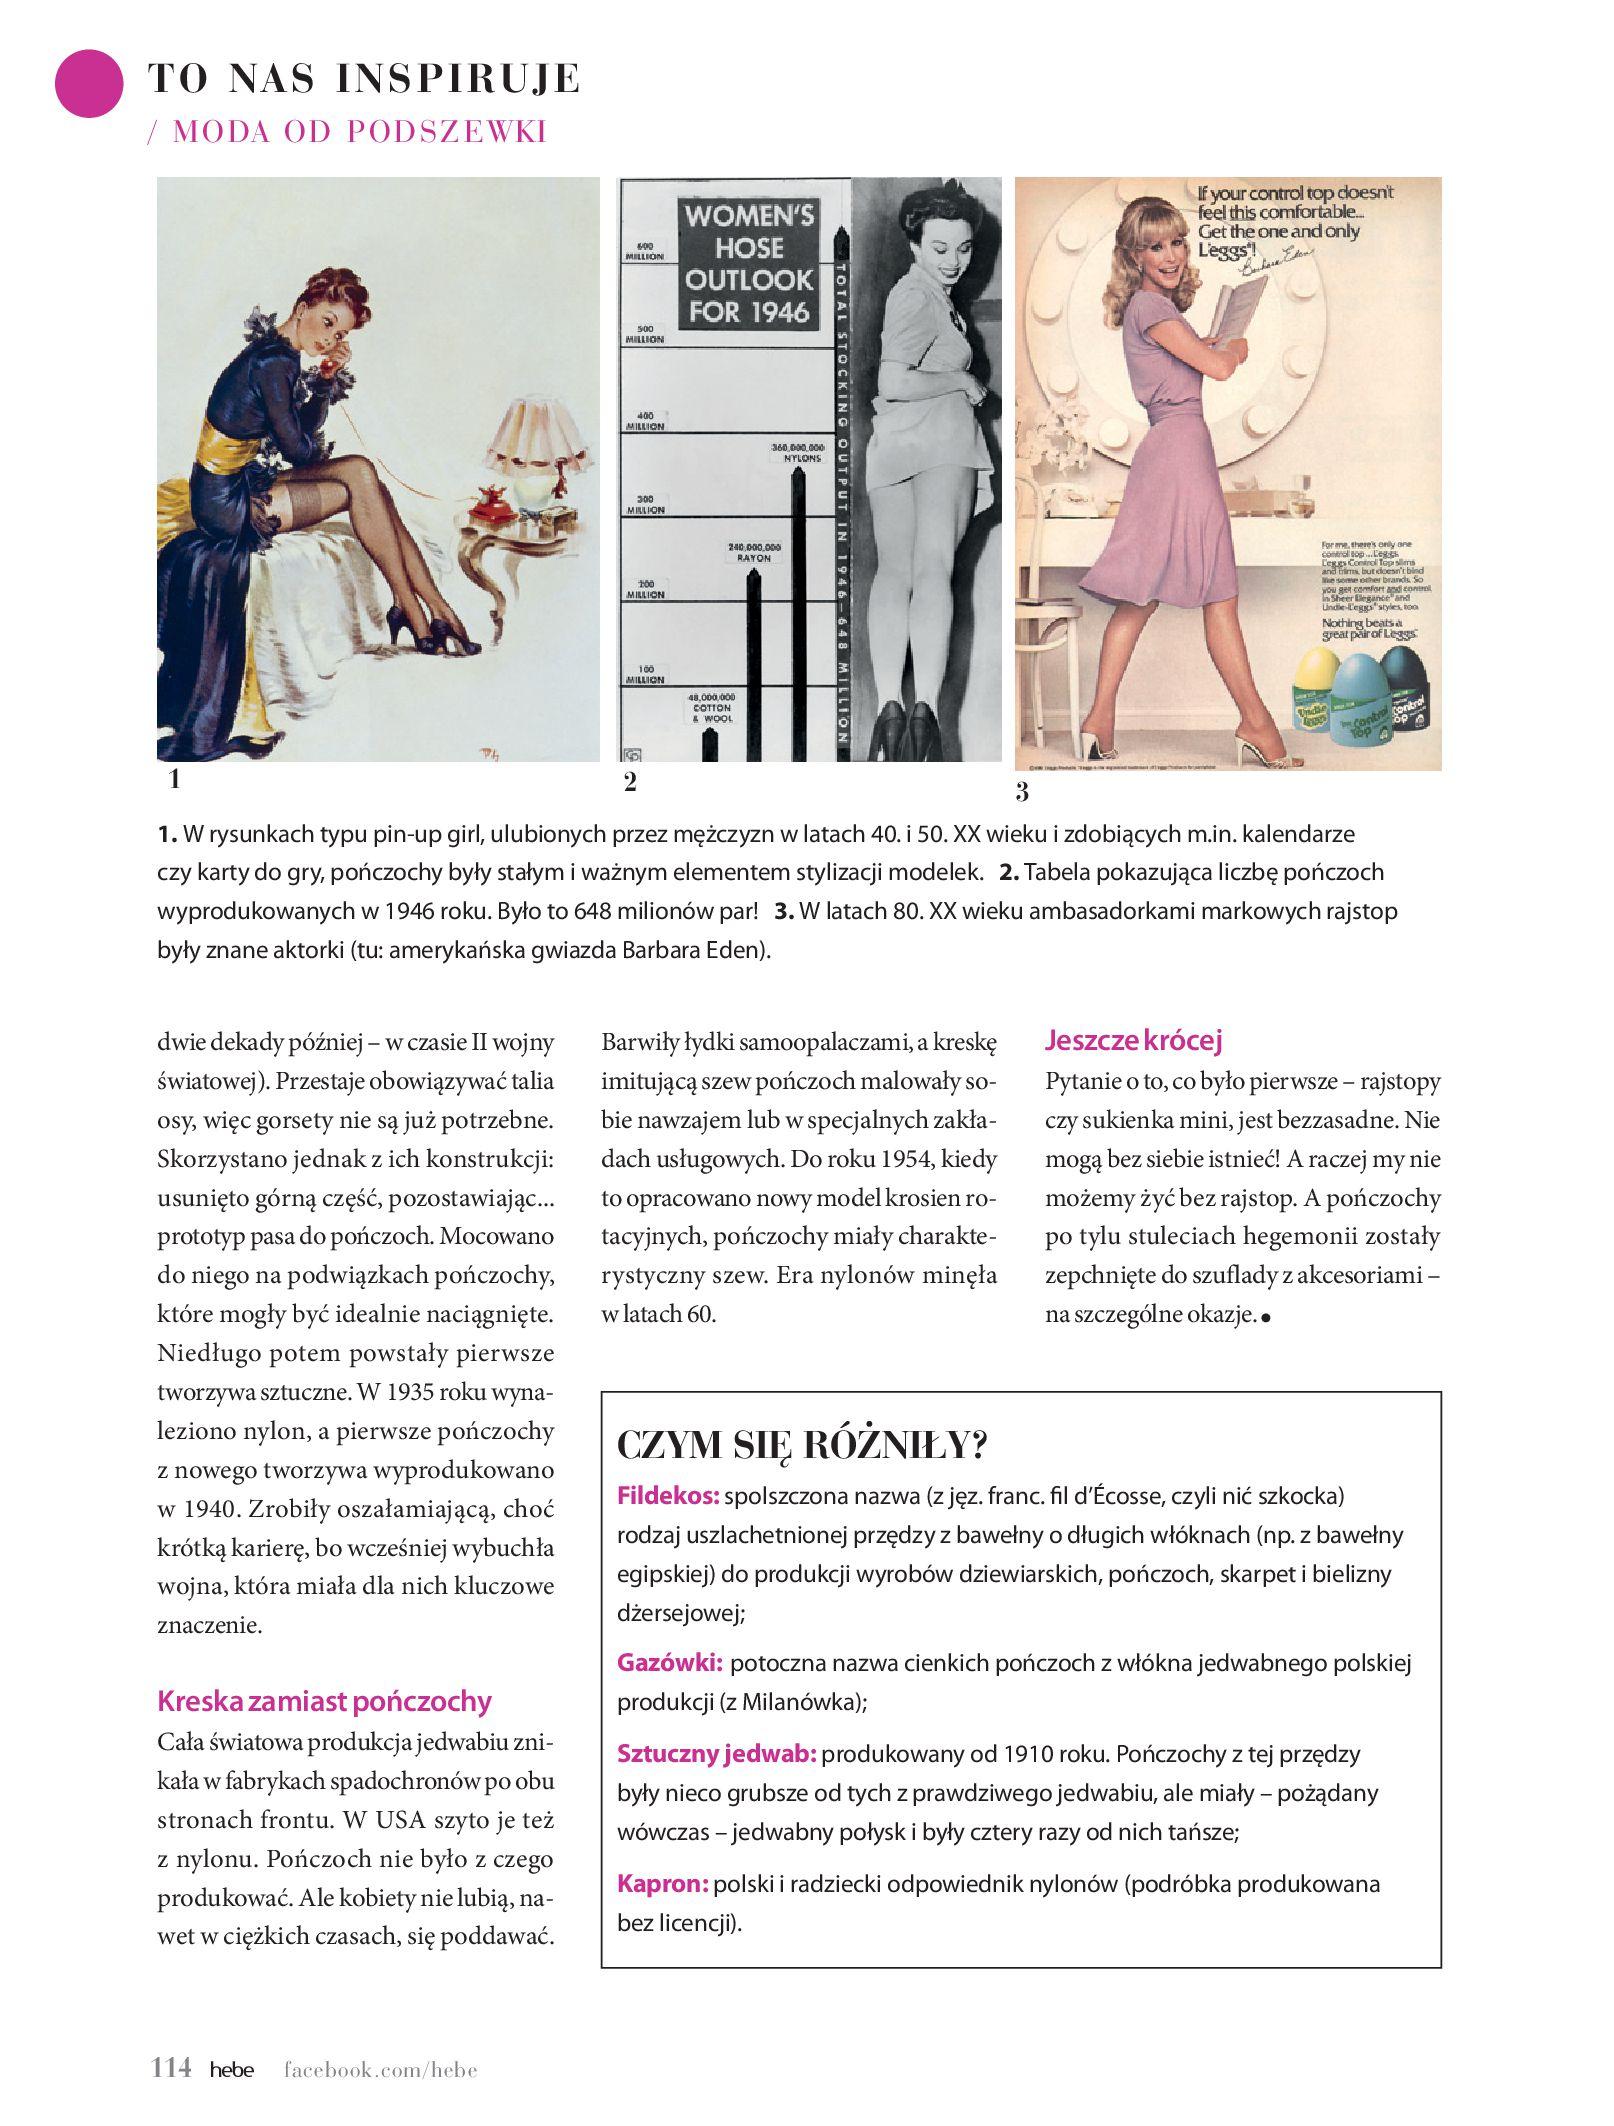 Gazetka hebe: Magazyn hebe - TURBO nawilżanie po urlopie 2021-09-01 page-114